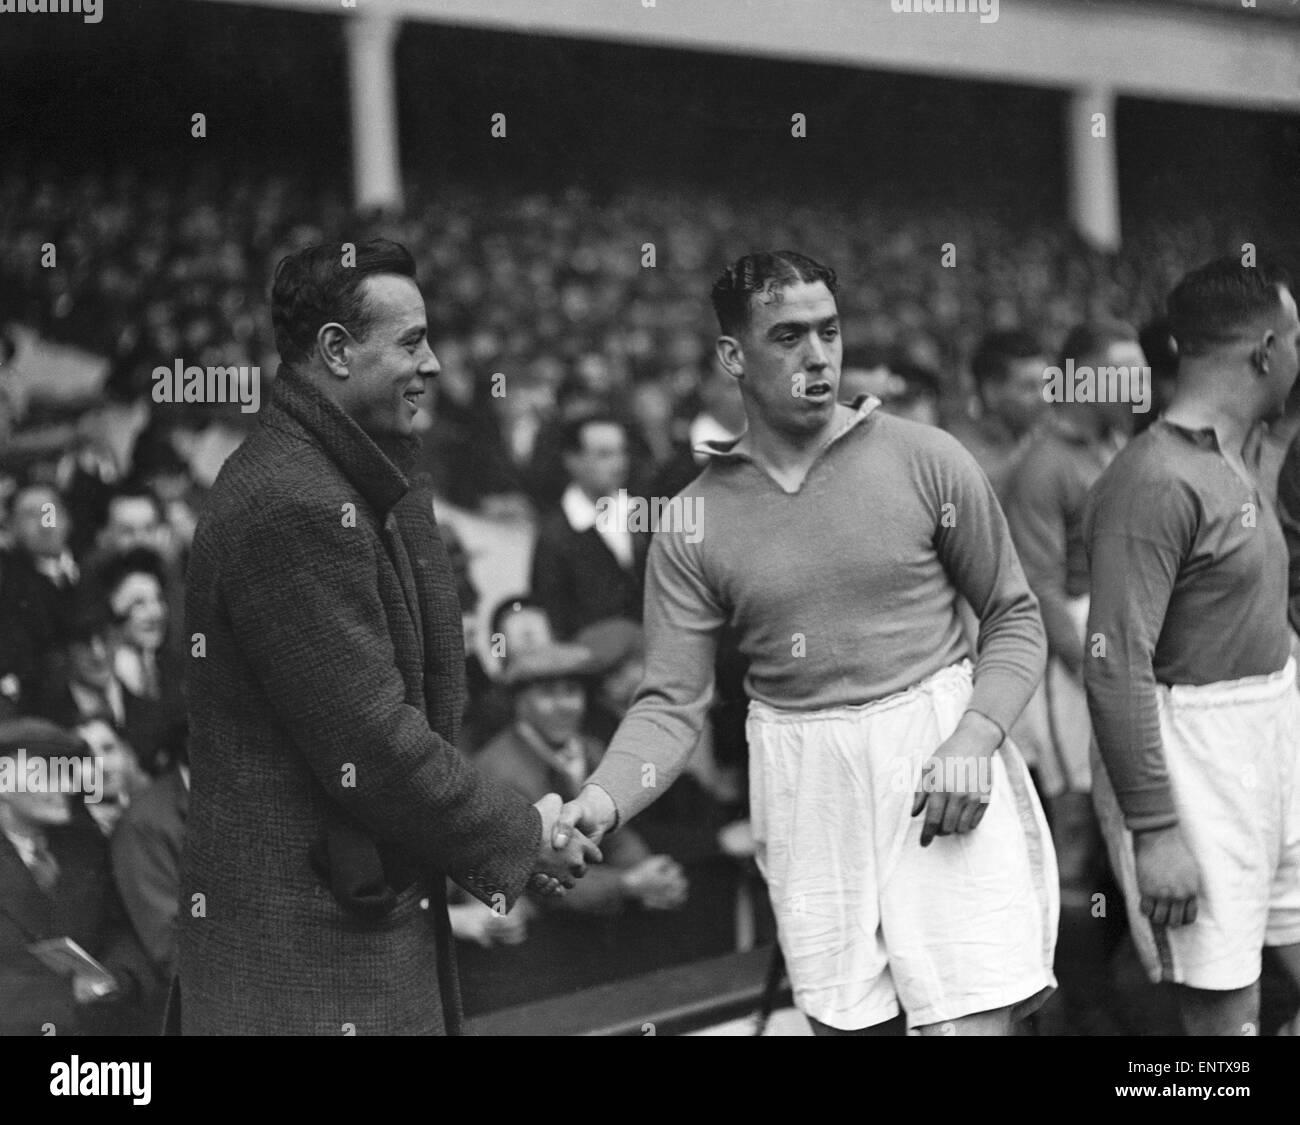 Dixie Dean, der legendäre Everton Mittelstürmer, spanische Nationalspieler Zamora im Goodison Park eingeführt. Stockbild